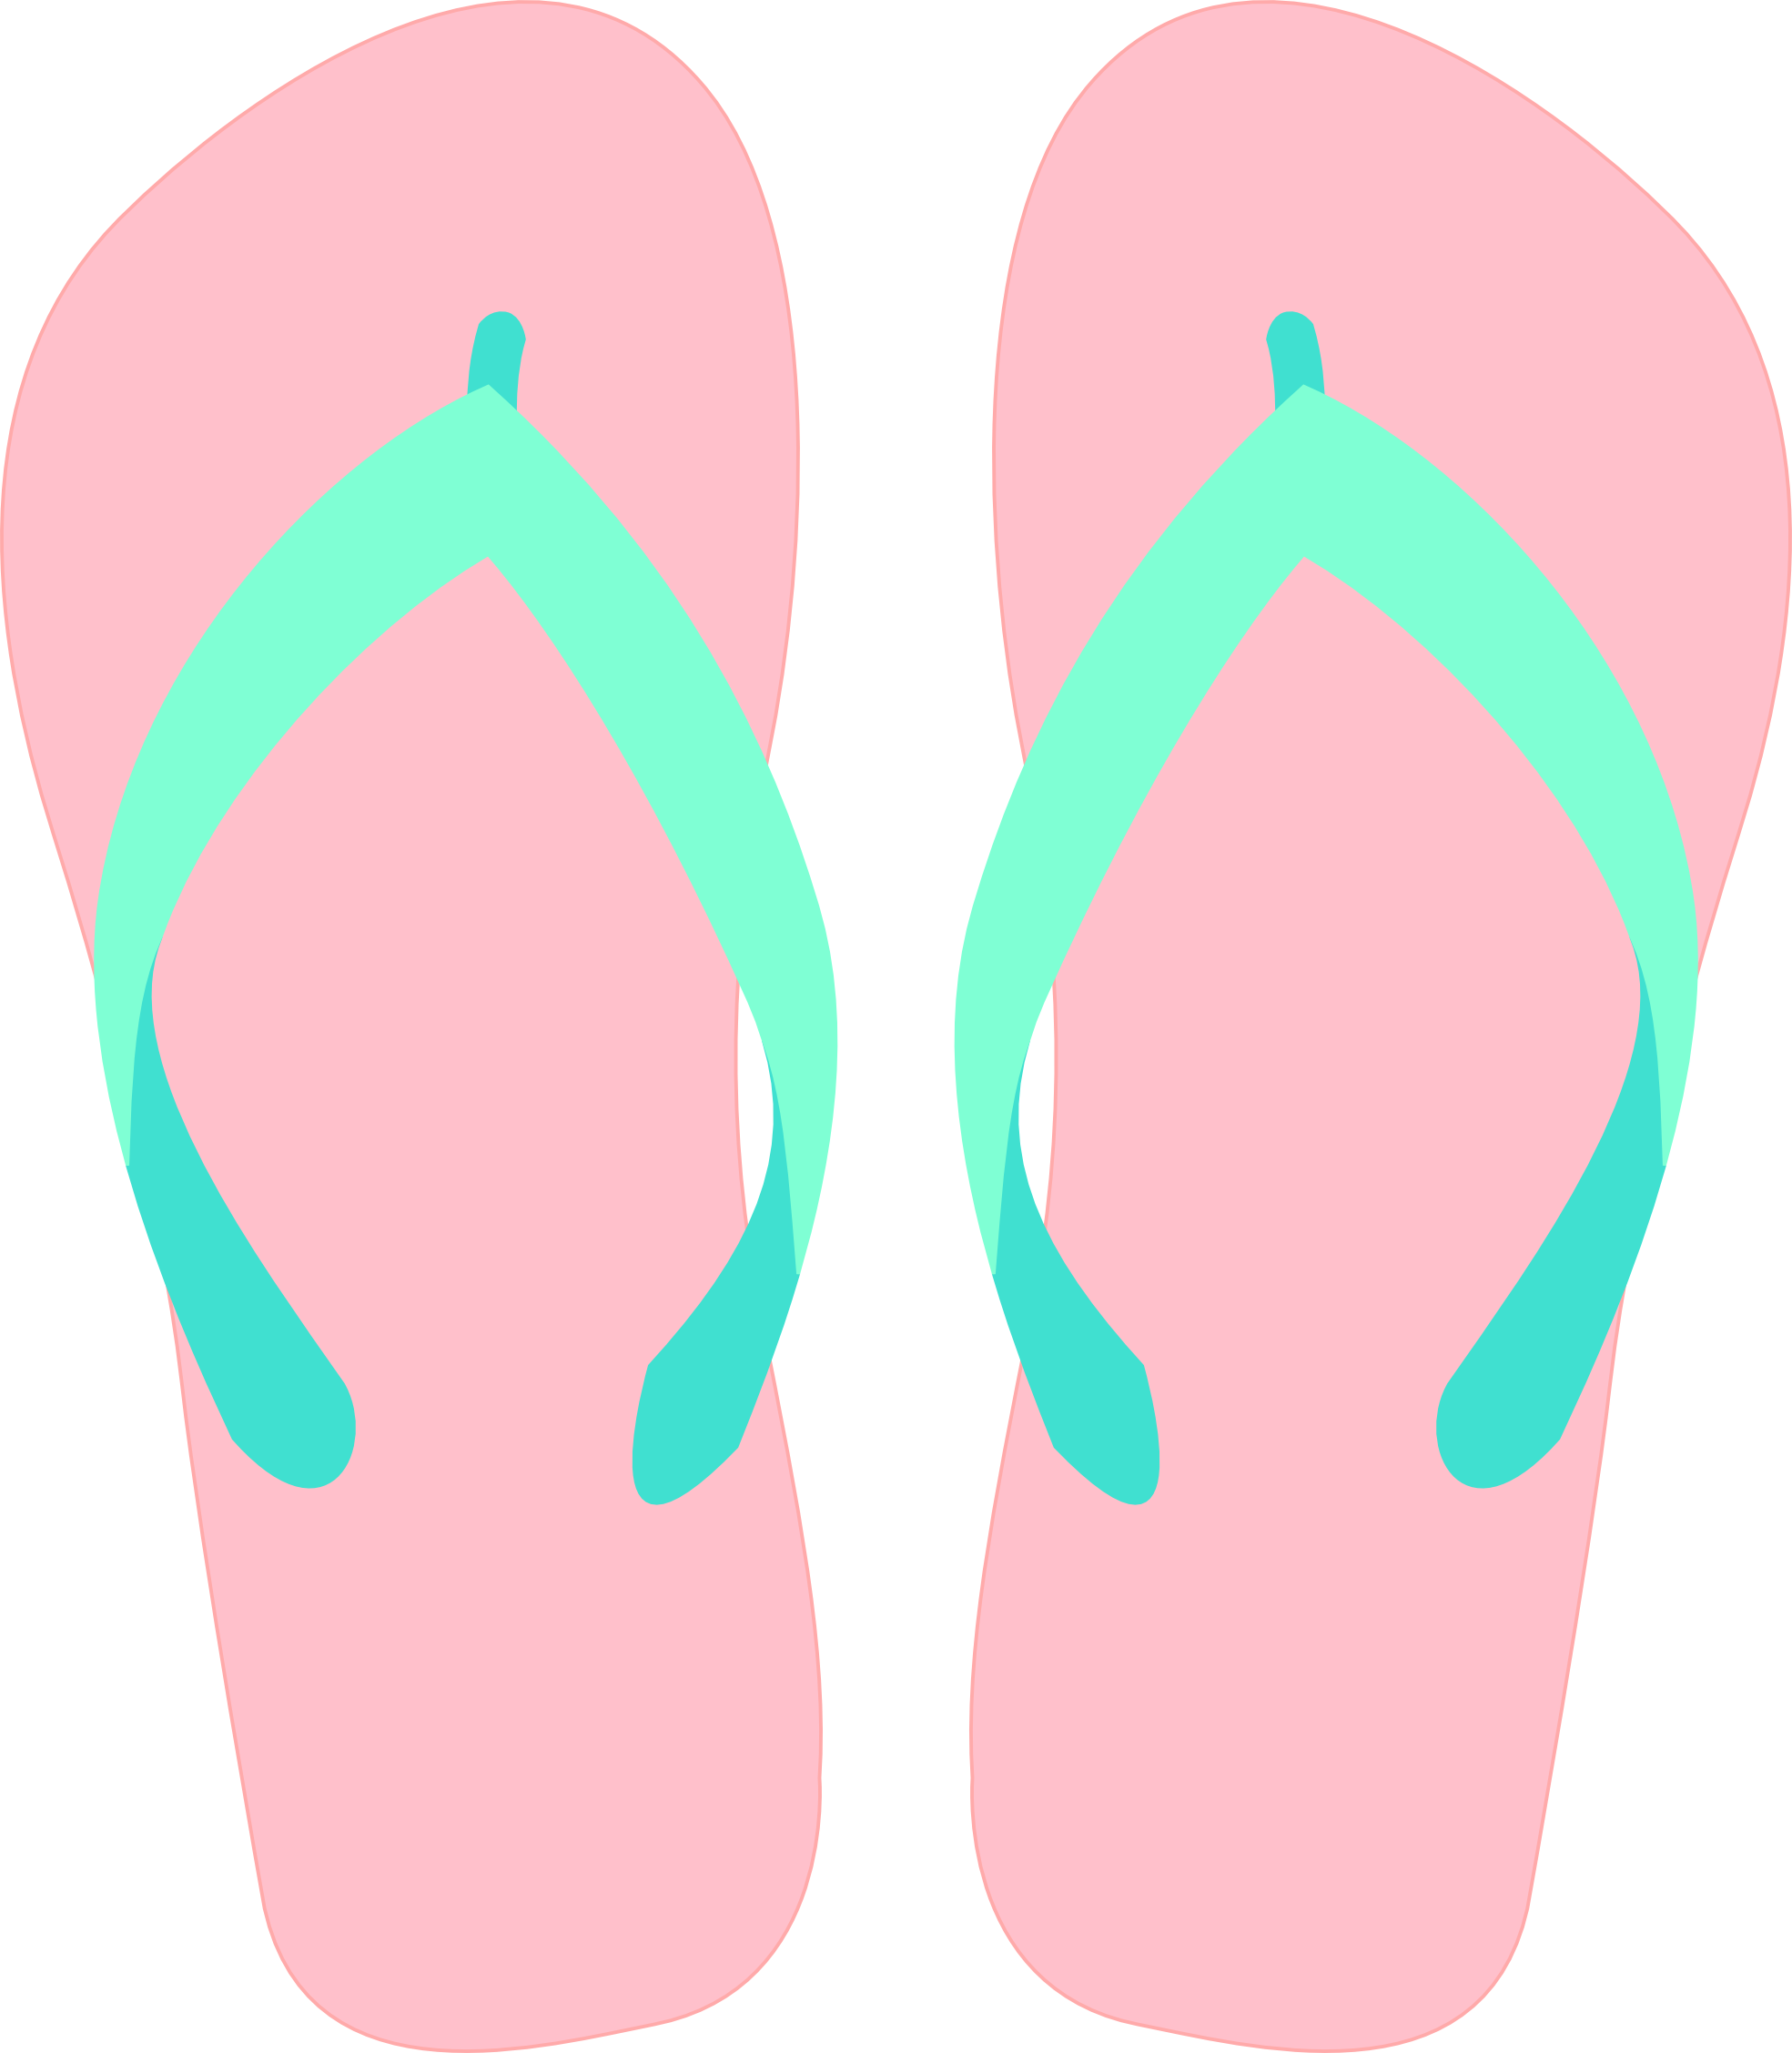 0 images about flip flops on flip flops havaianas clip art